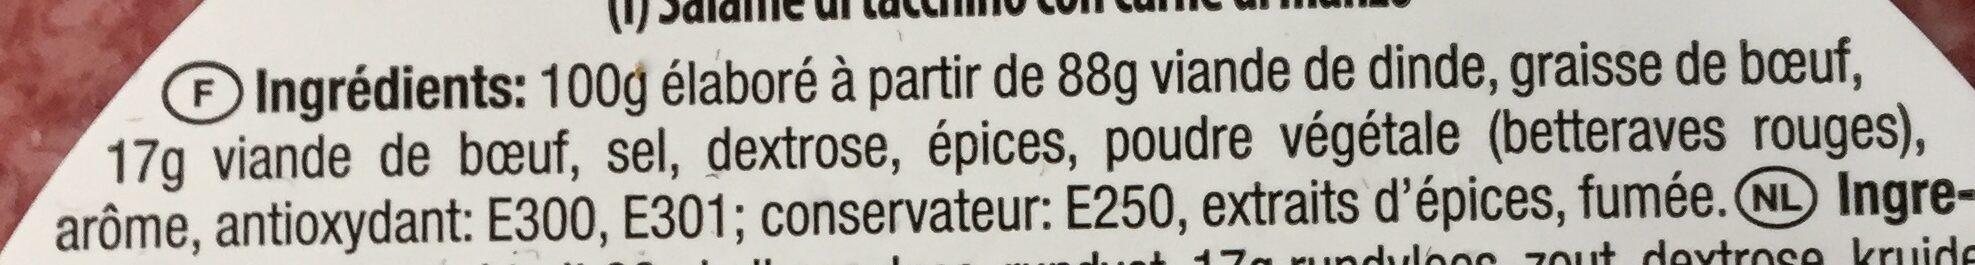 Salami de dinde hallal - Ingrédients - fr